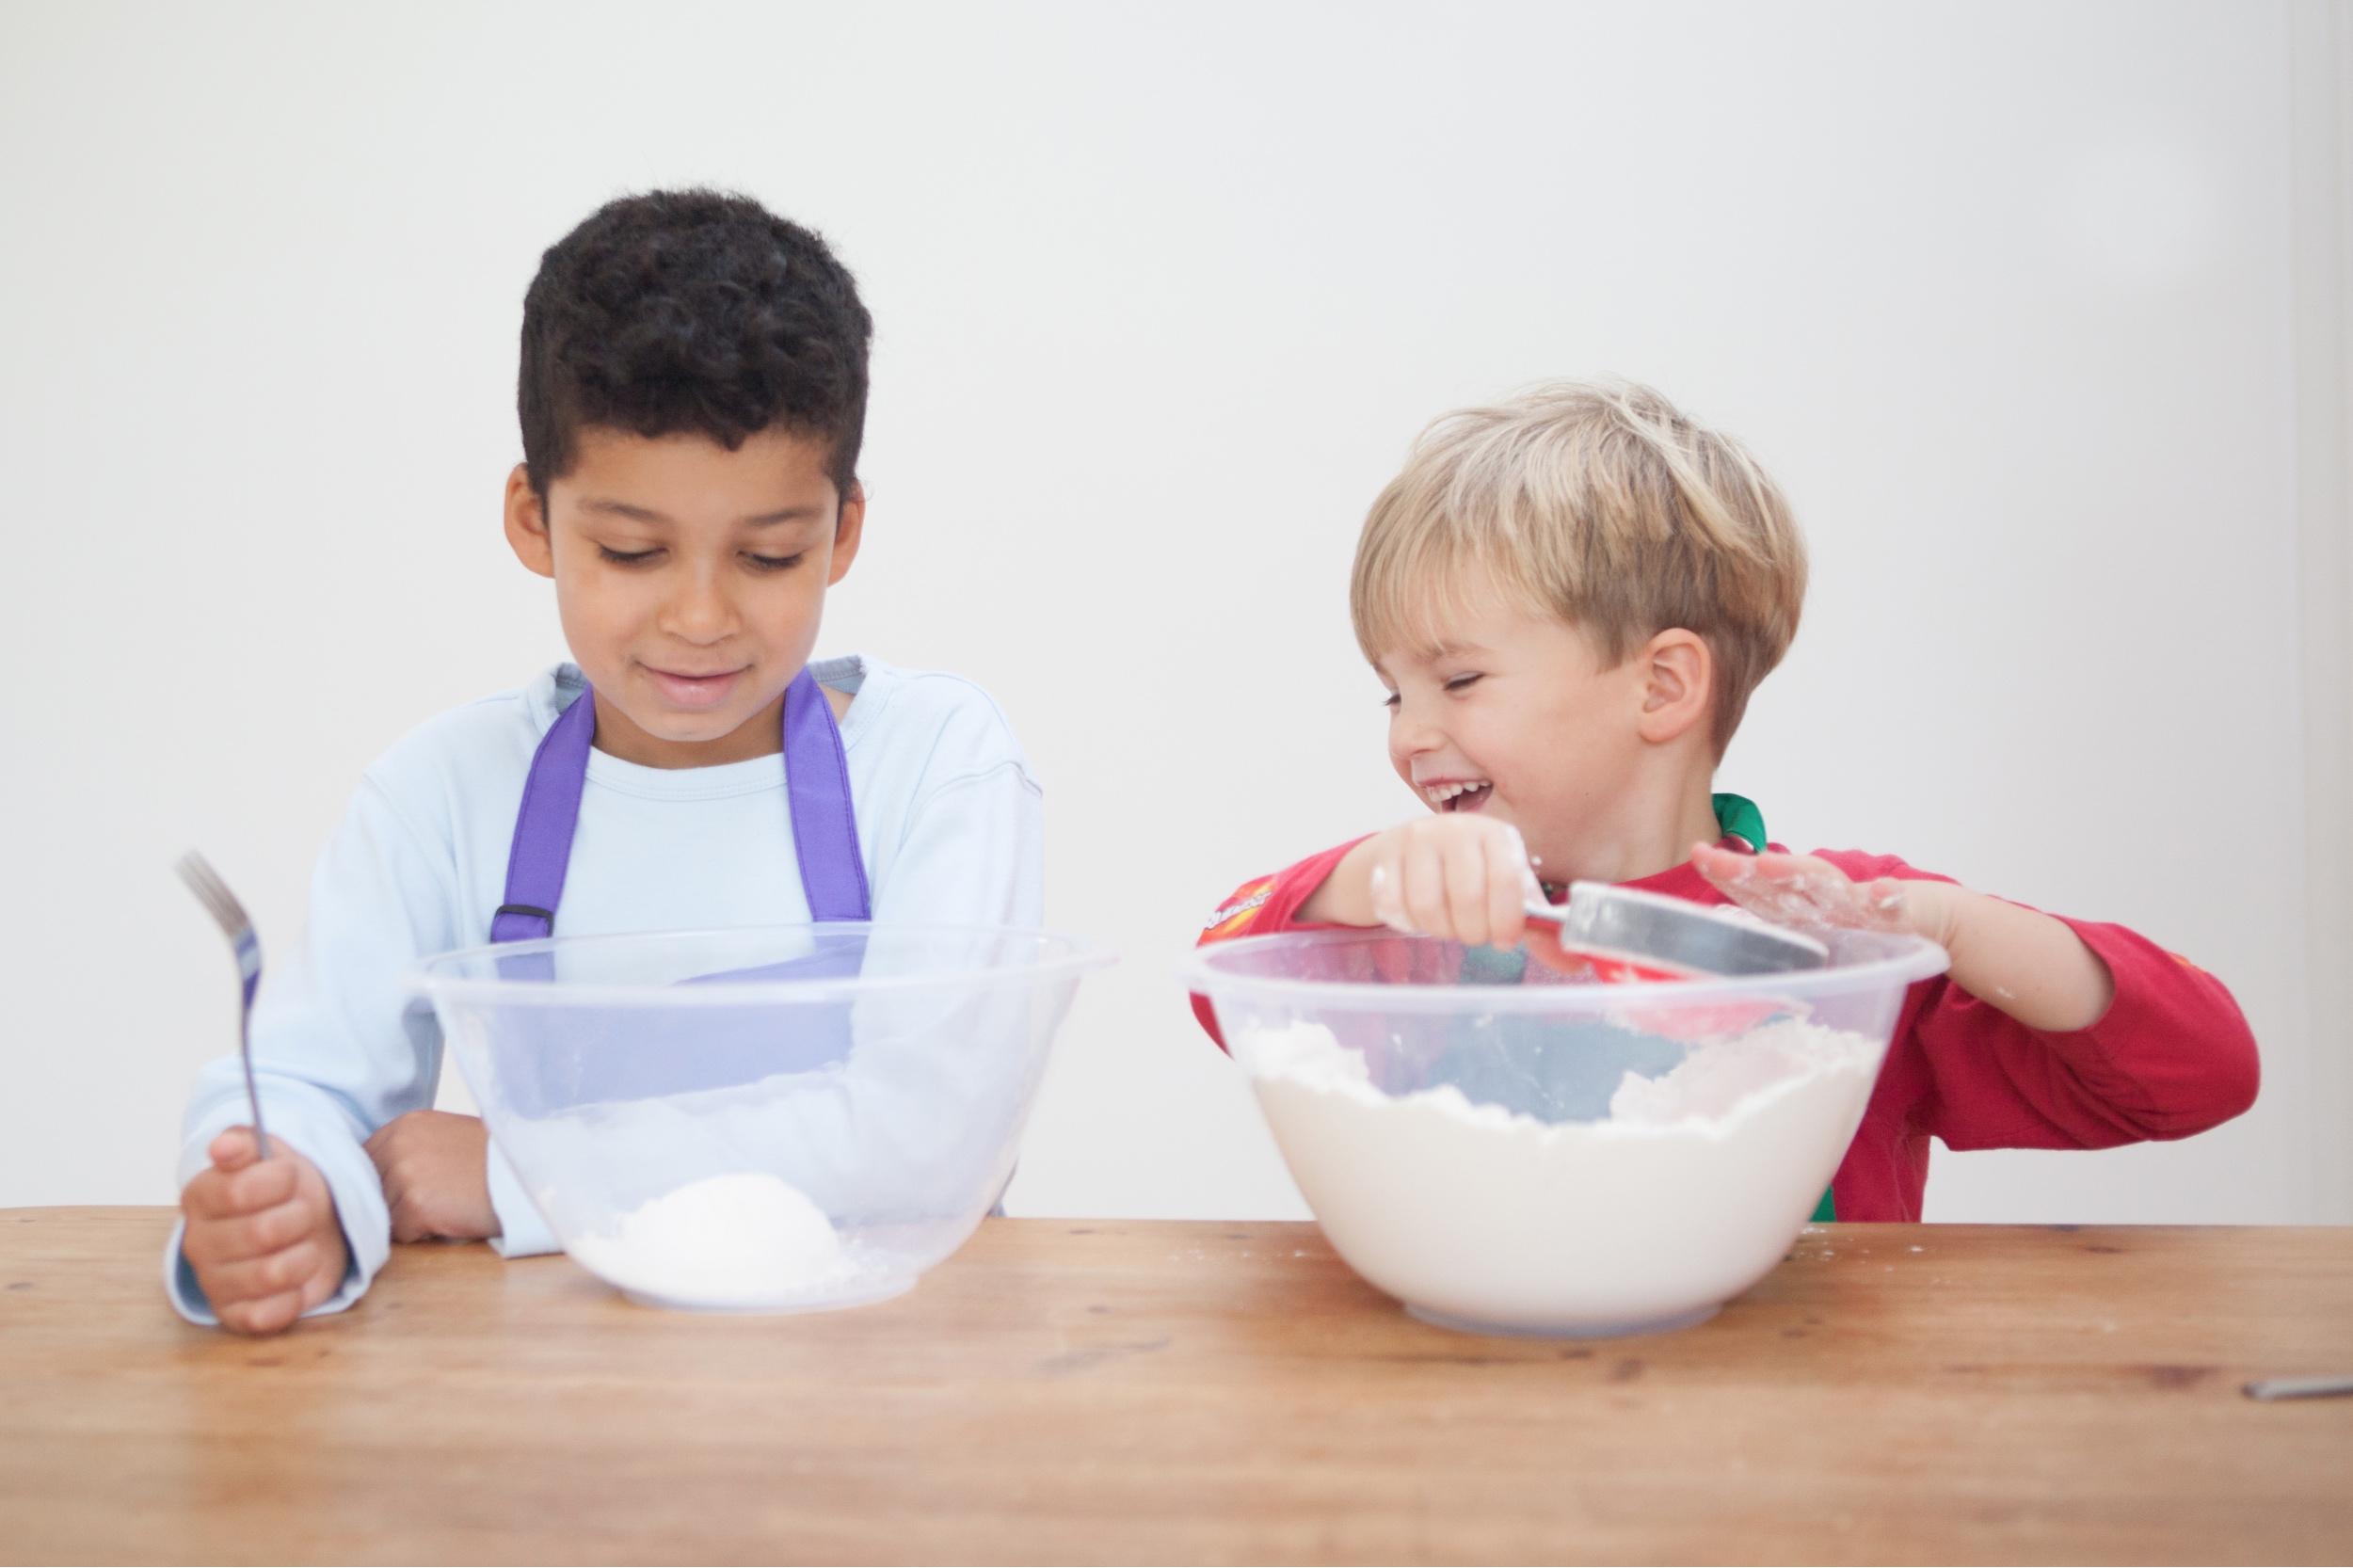 Two boys having fun measuring ingredients